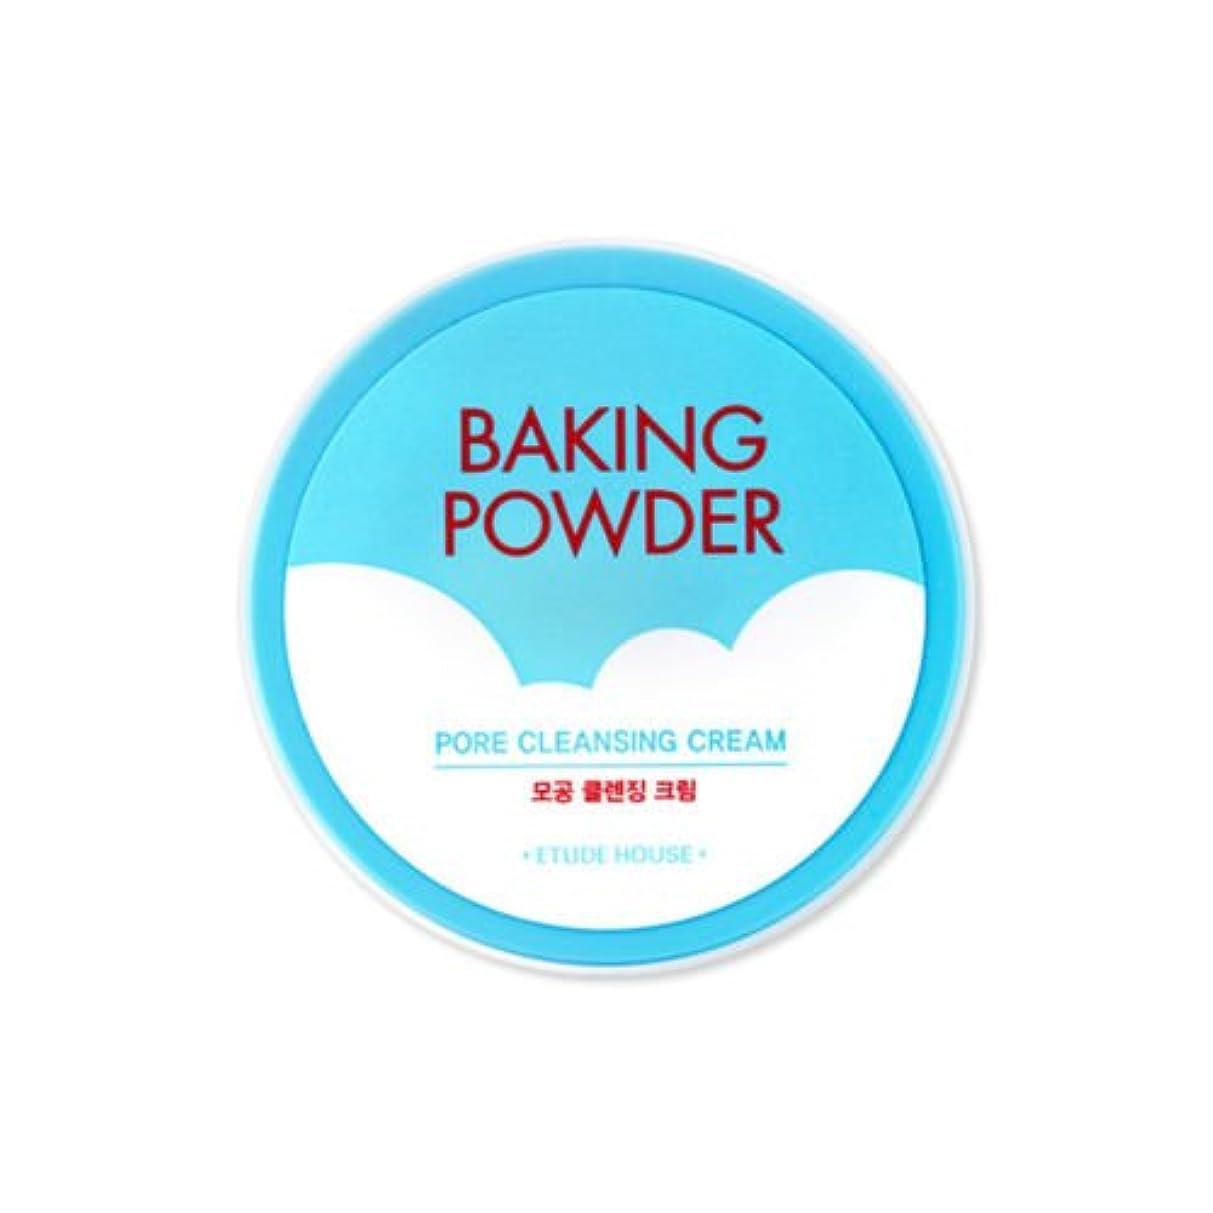 マリン精通した副[2016 Upgrade!] ETUDE HOUSE Baking Powder Pore Cleansing Cream 180ml/エチュードハウス ベーキング パウダー ポア クレンジング クリーム 180ml